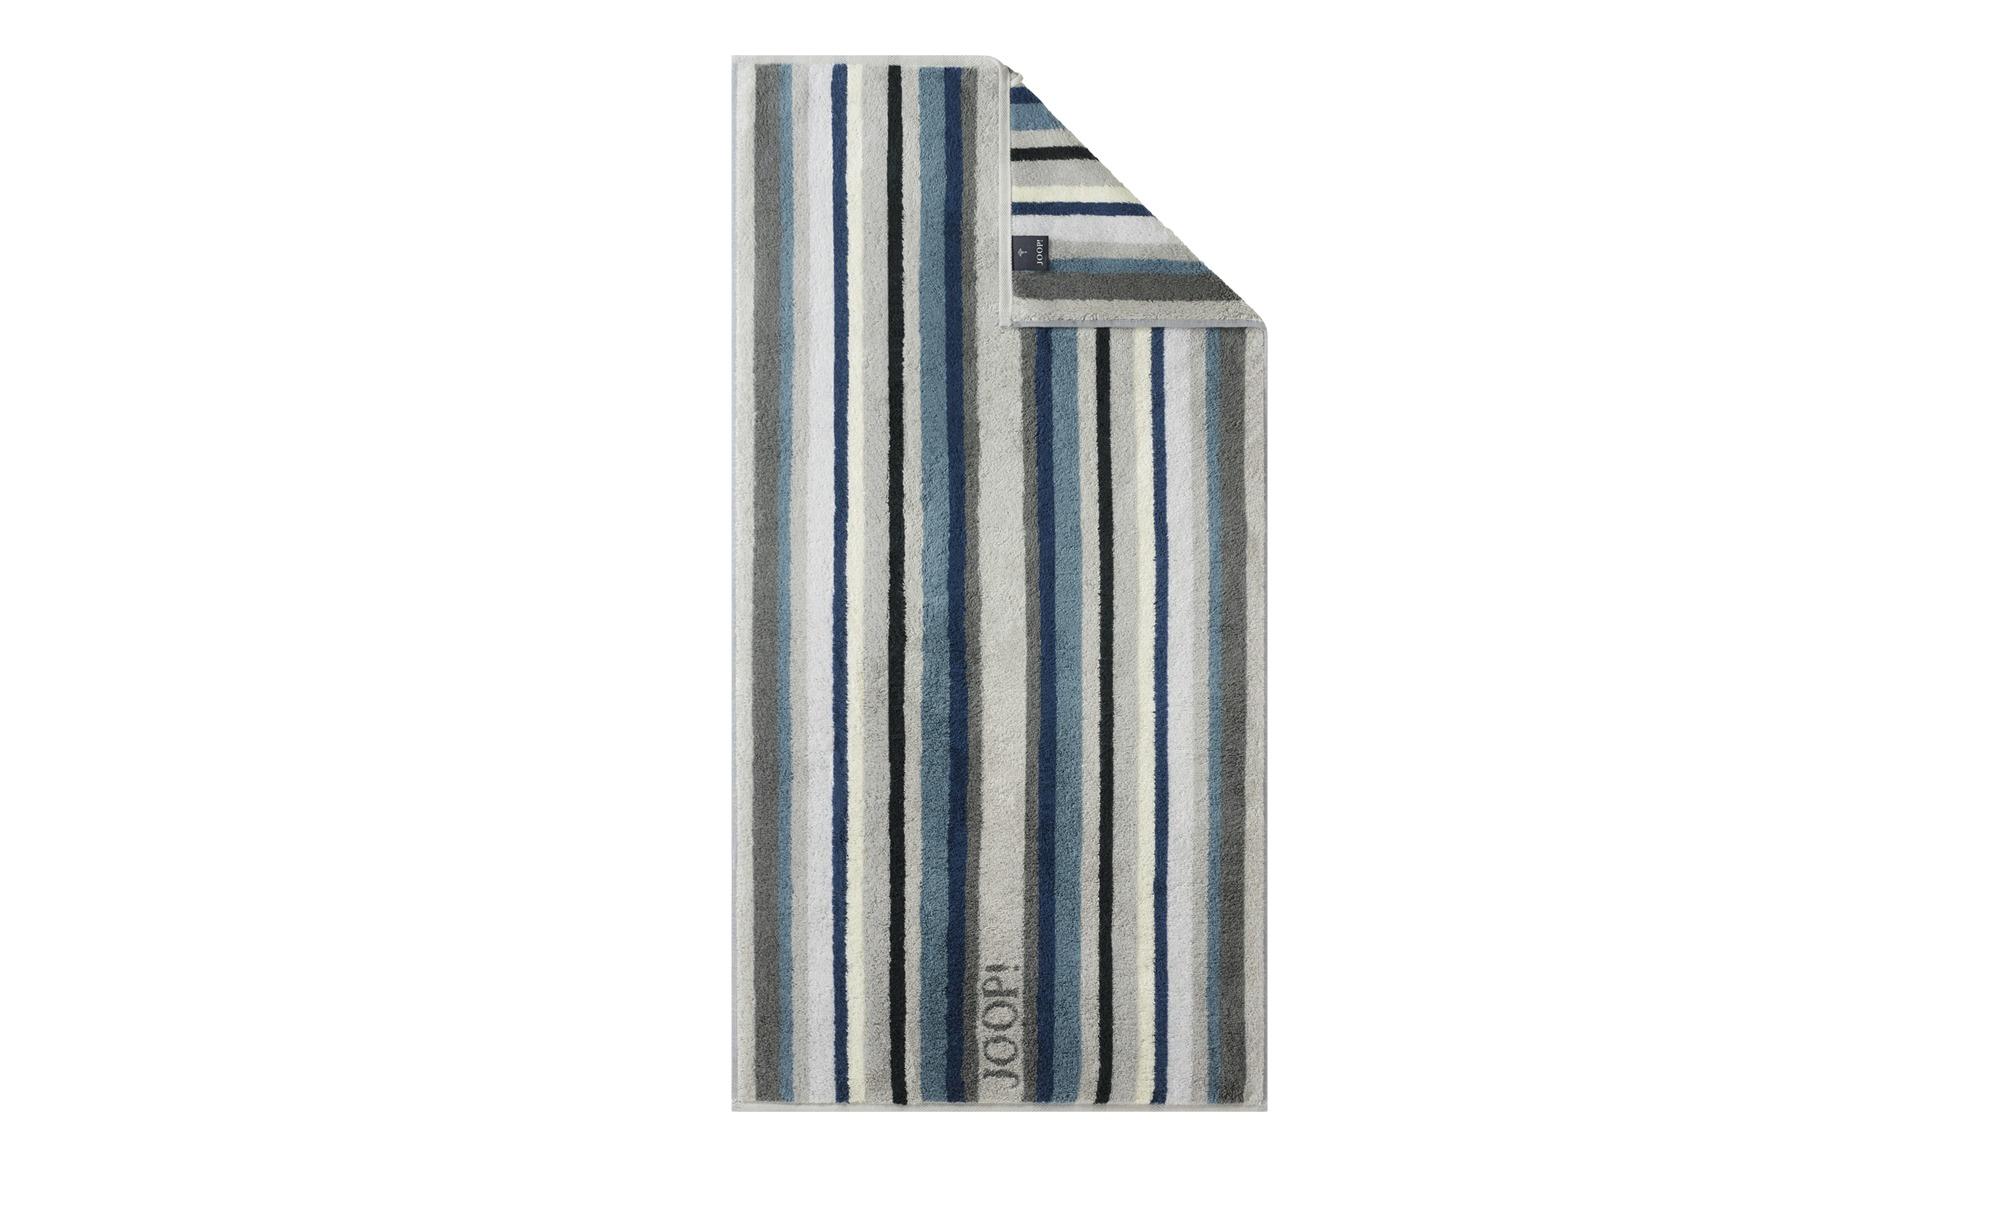 JOOP! Handtuch  JOOP 1664 Stripes ¦ grau ¦ 100% Baumwolle ¦ Maße (cm): B: 50 Badtextilien und Zubehör > Handtücher & Badetücher > Handtücher - Höffner